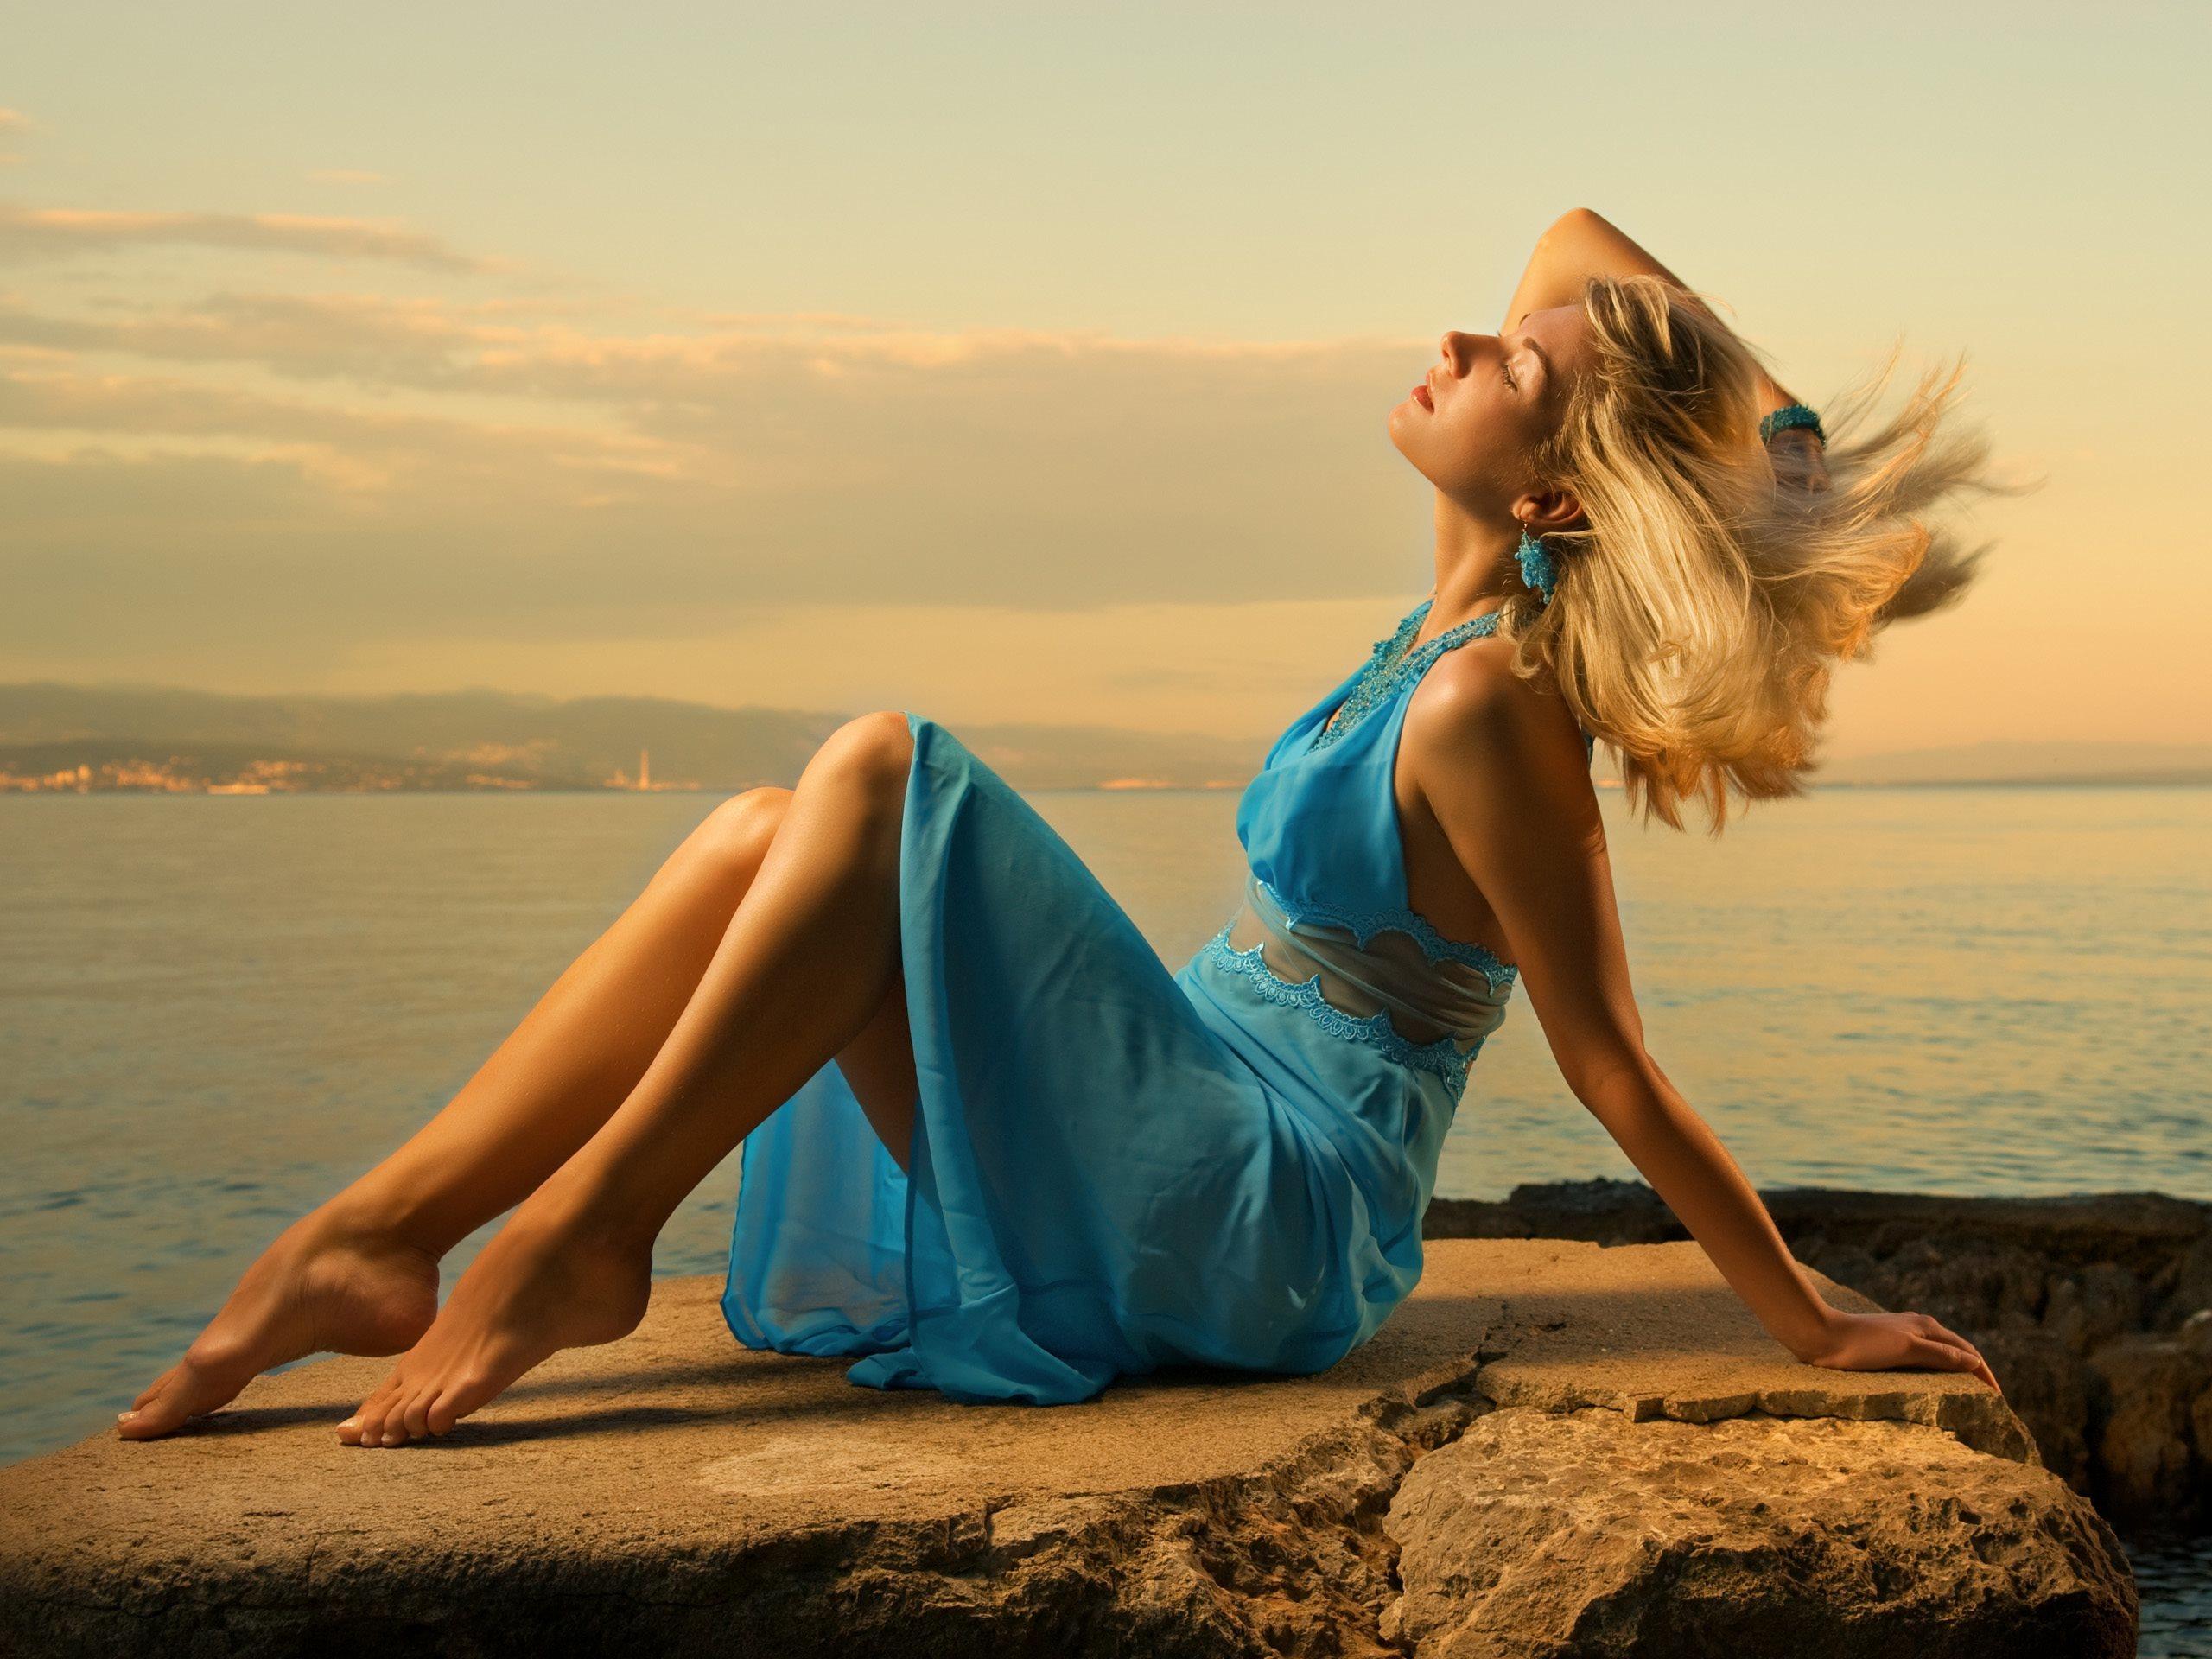 девушка синее платье блондинка girl blue dress blonde  № 3921543 без смс